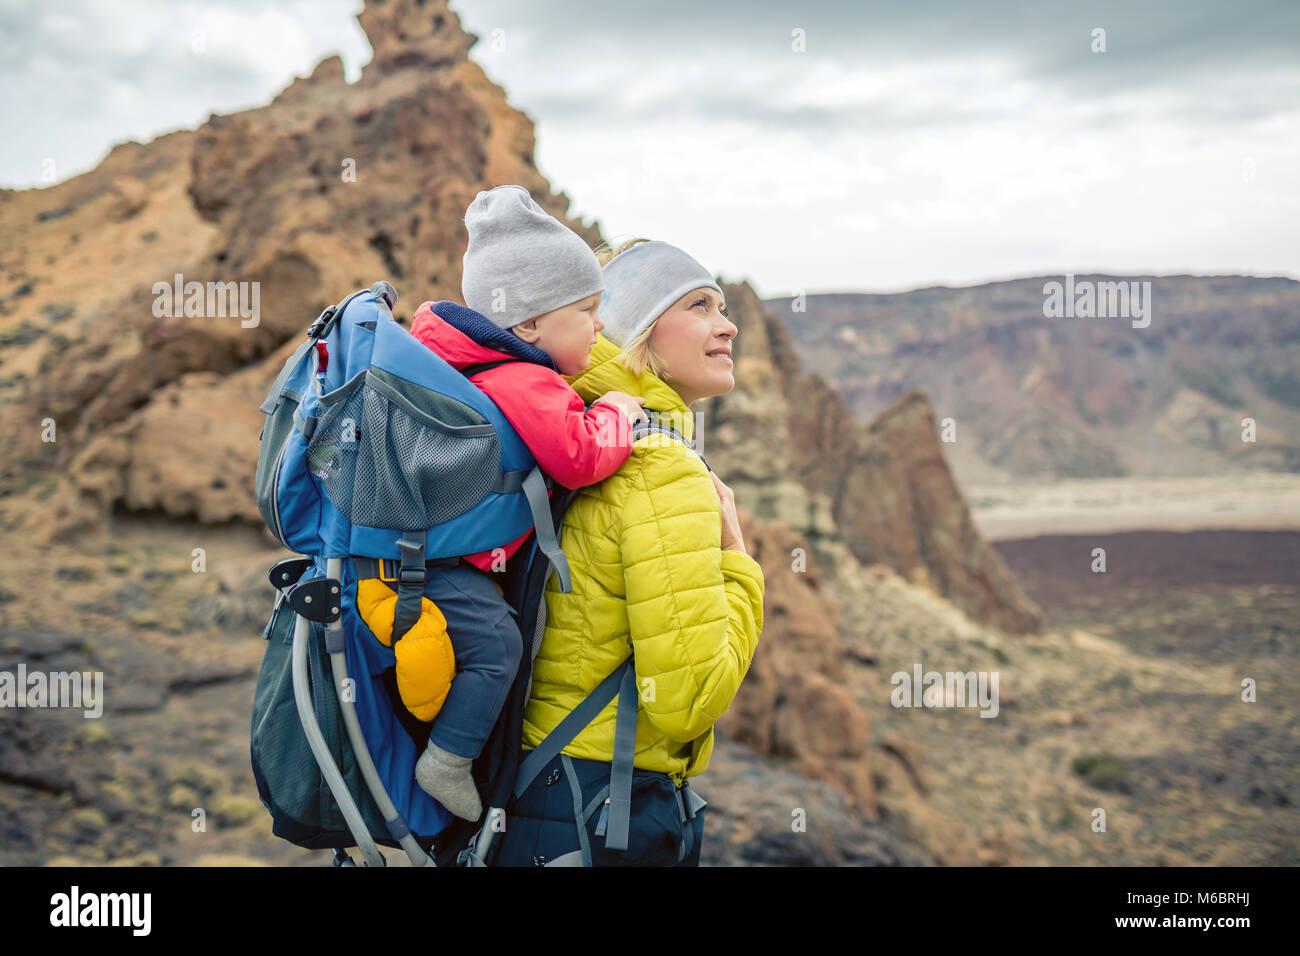 Familienwanderung baby boy in der Mutter Rucksack reisen. Wandern Abenteuer mit Kind auf Herbst Familie Reise in Stockbild